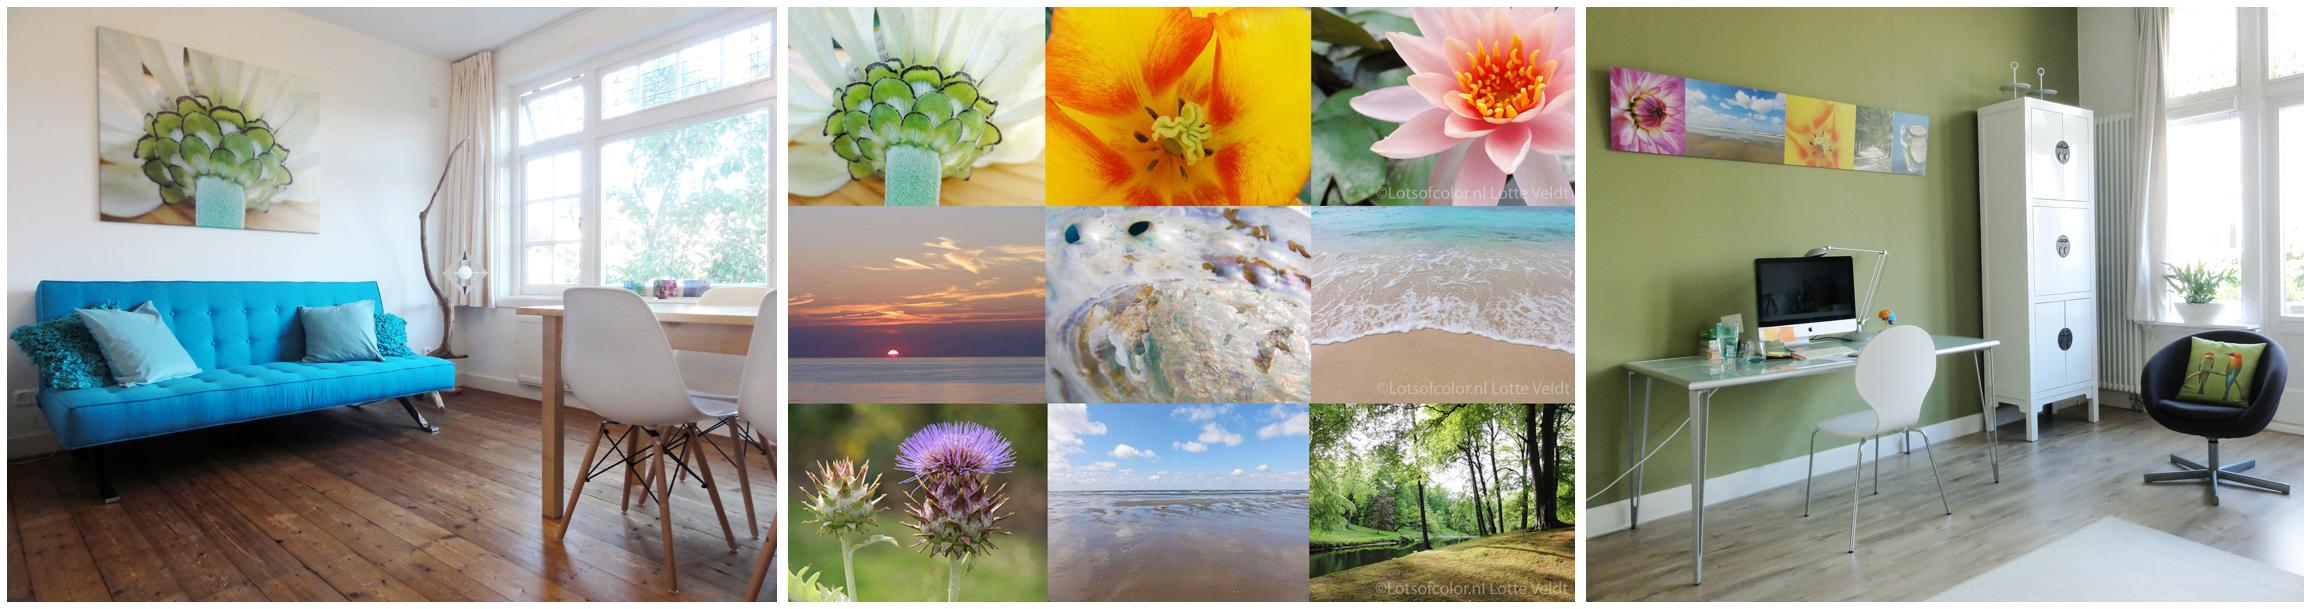 Natuurfotografie in praktijkruimte en wachtkamer